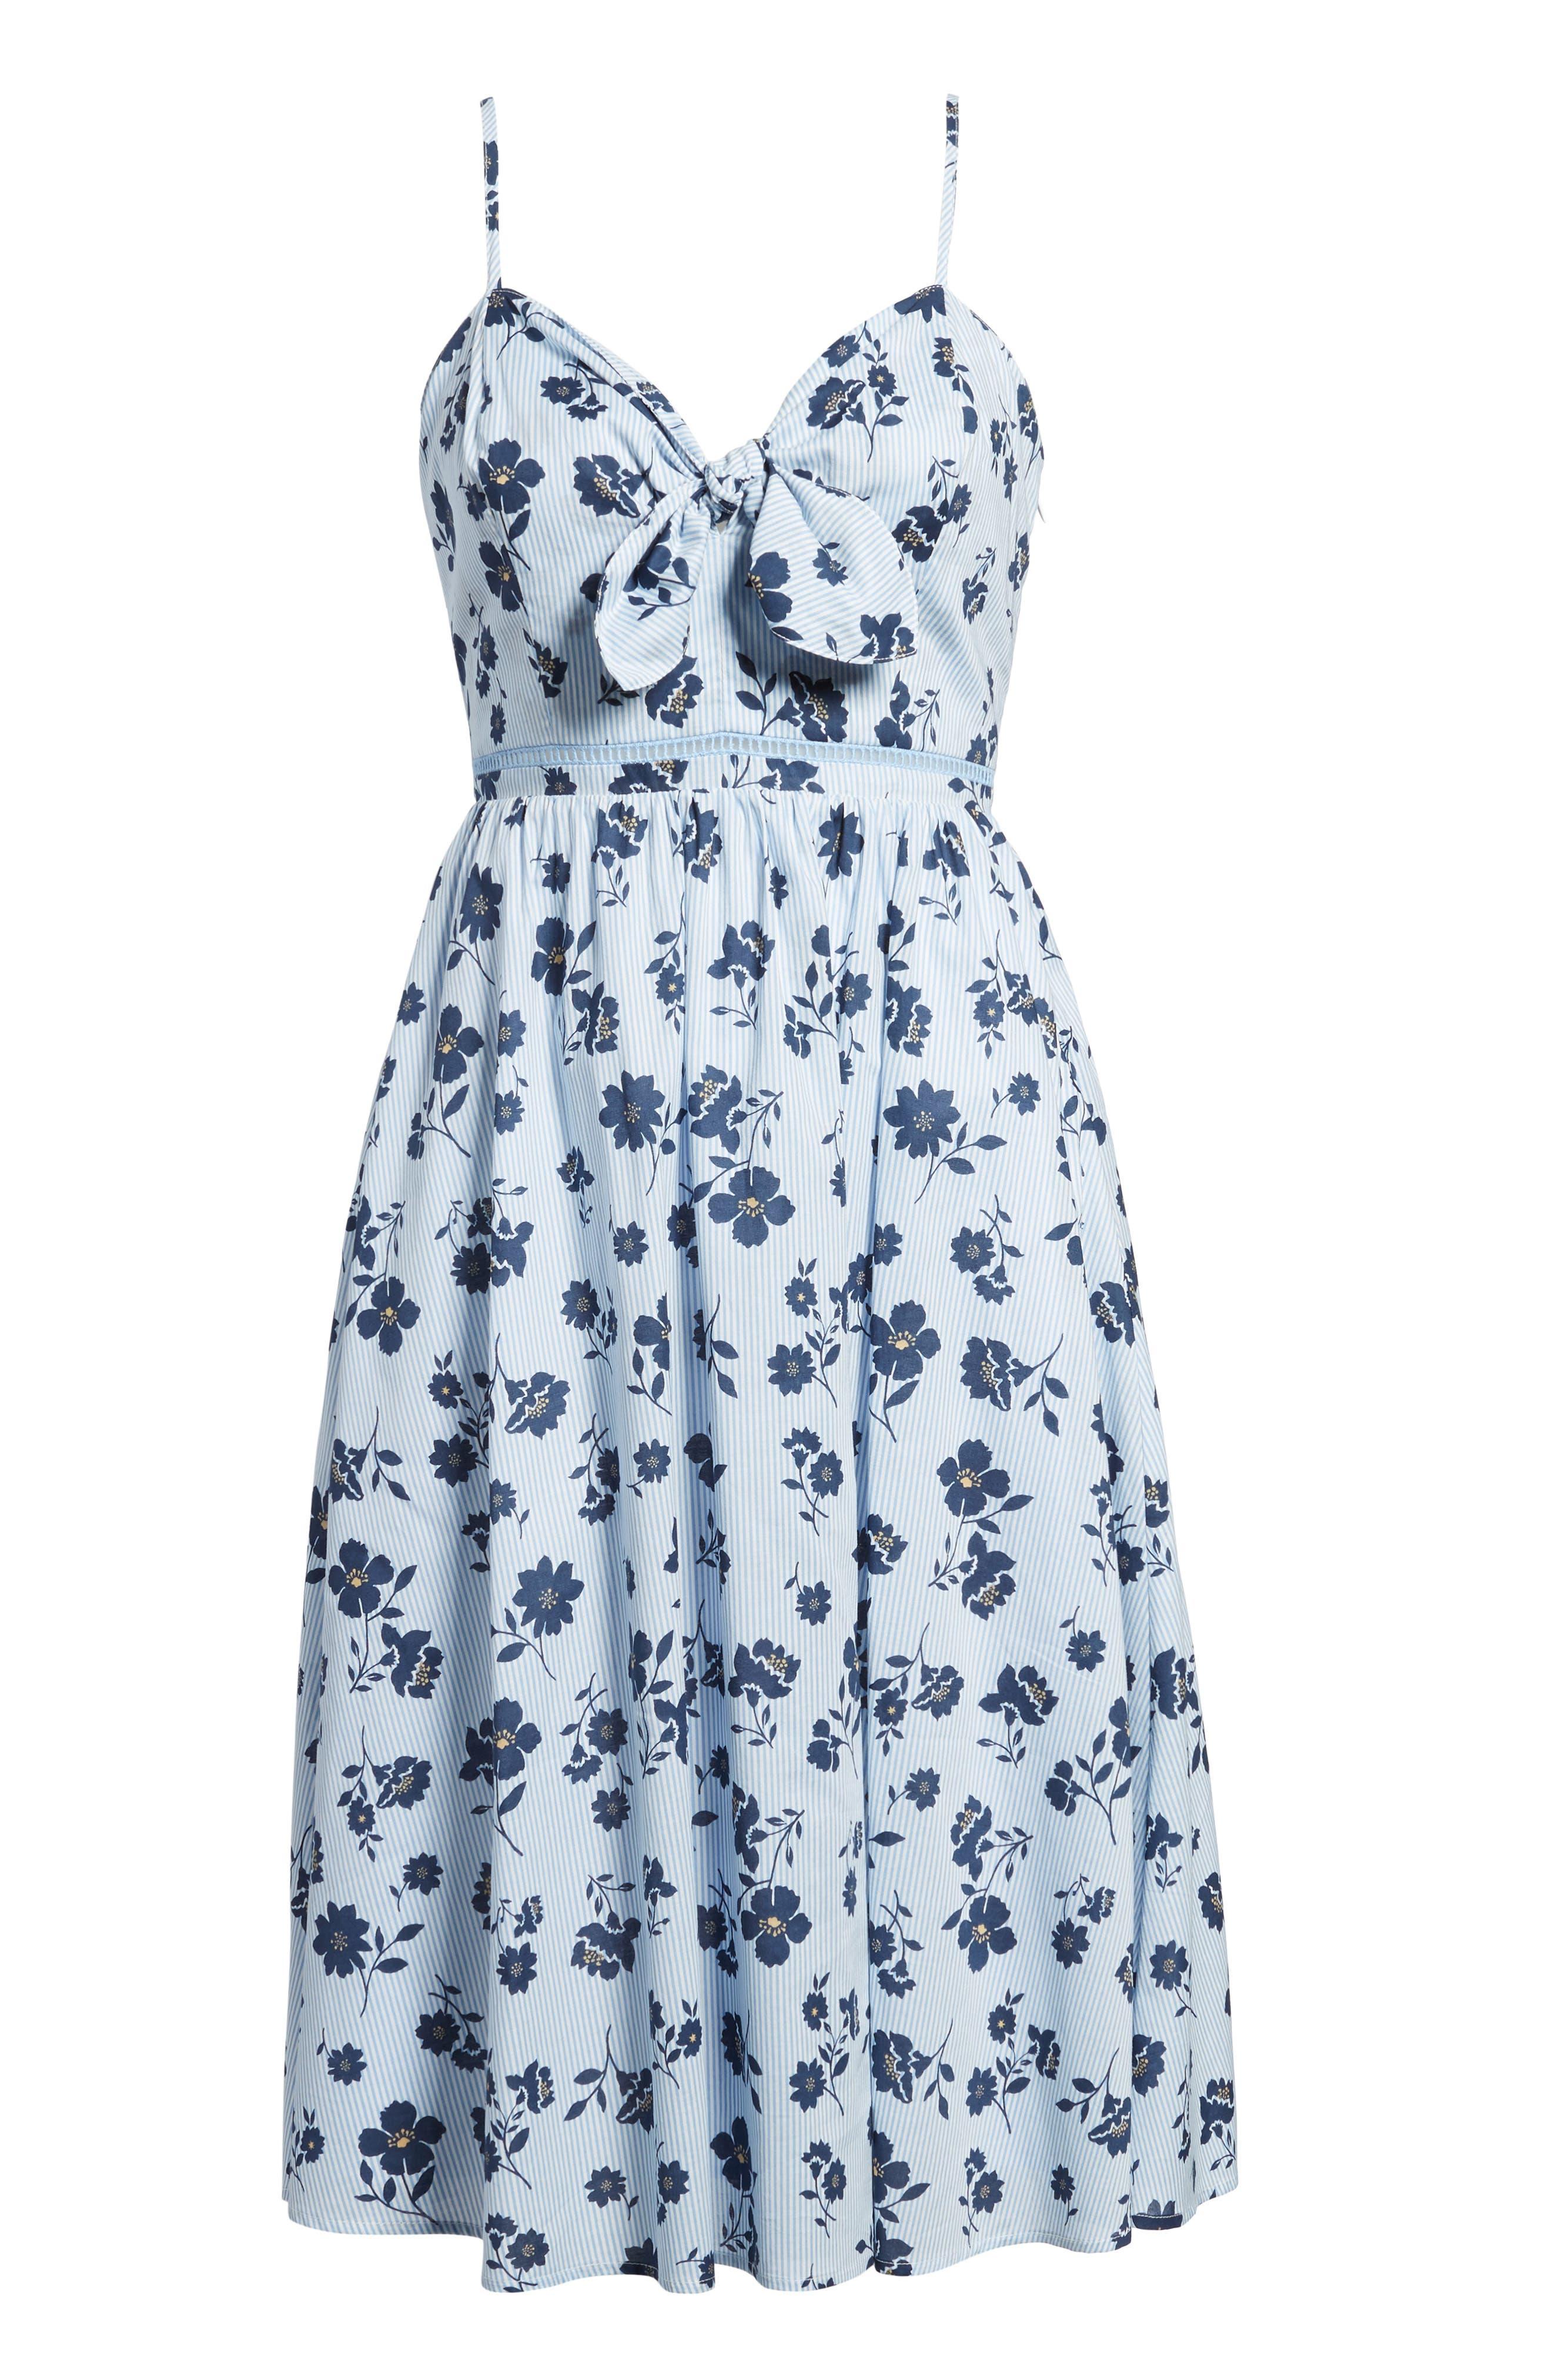 Floral Cotton Fit & Flare Dress,                             Alternate thumbnail 6, color,                             401